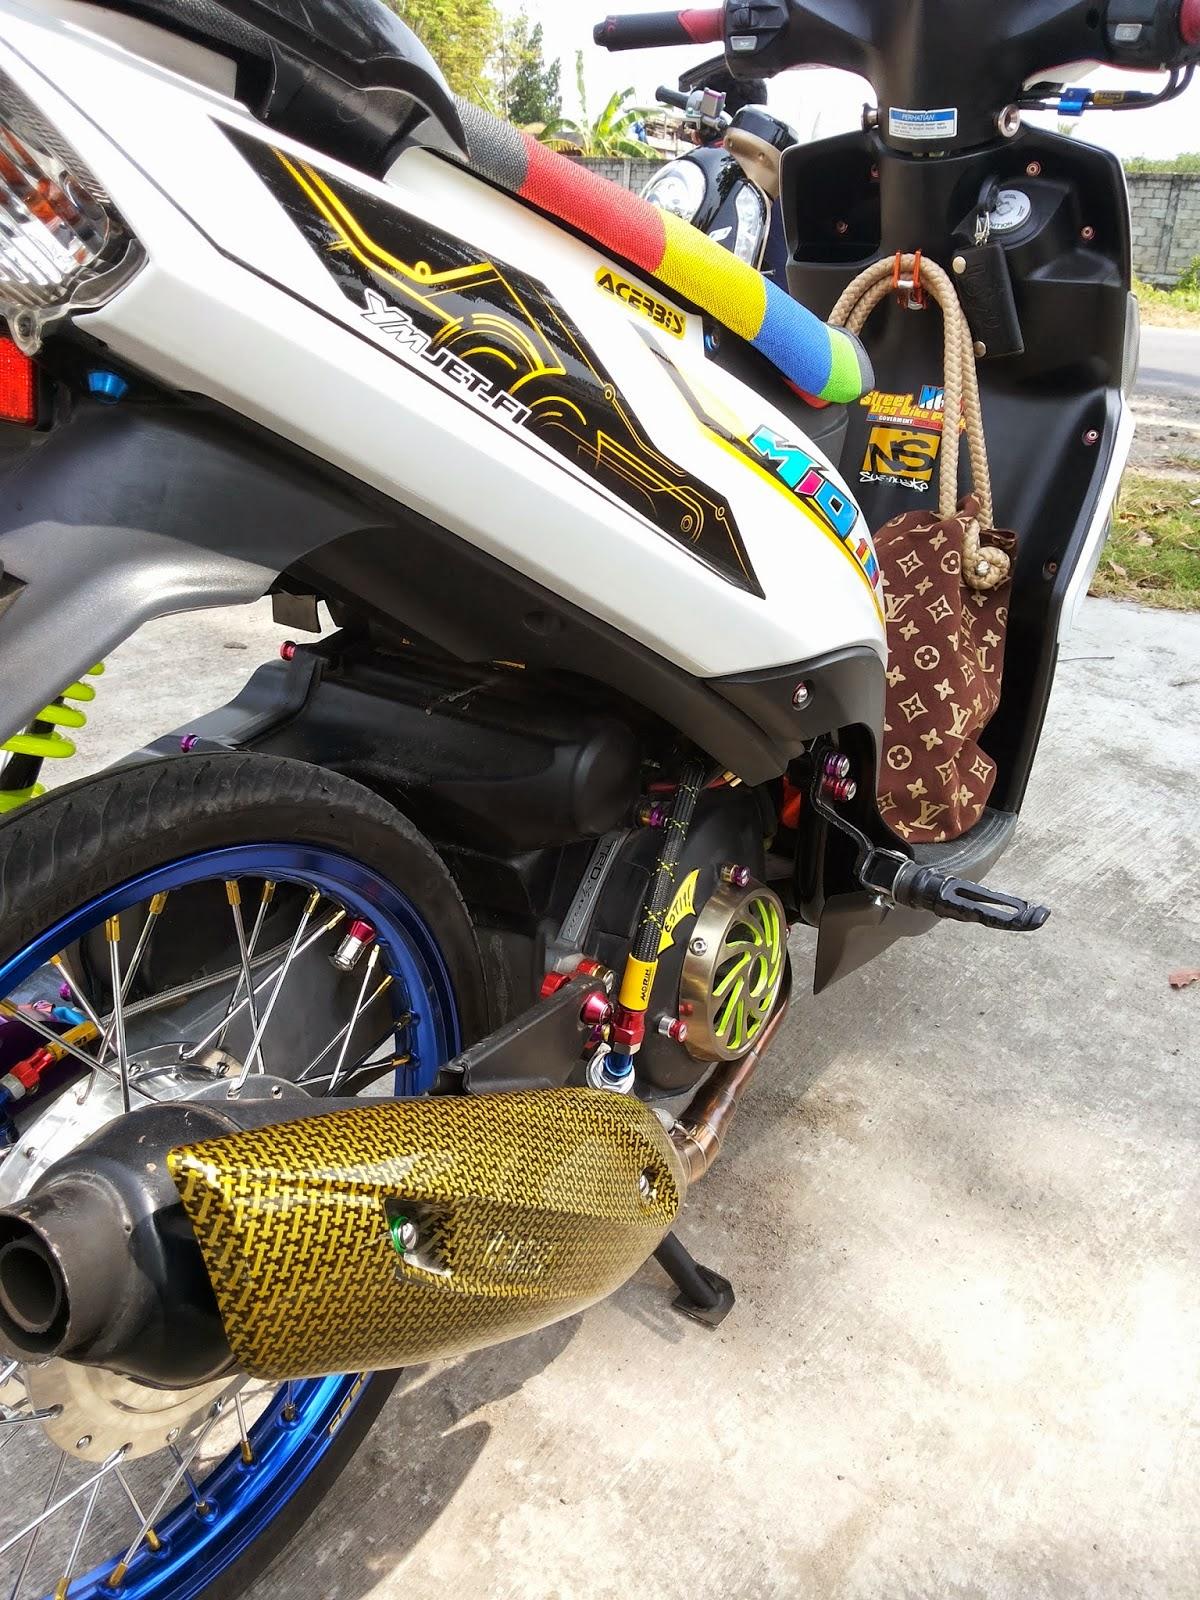 89 Modifikasi Motor Mio Thailand Look Terbaru Dan Terkeren Kujang